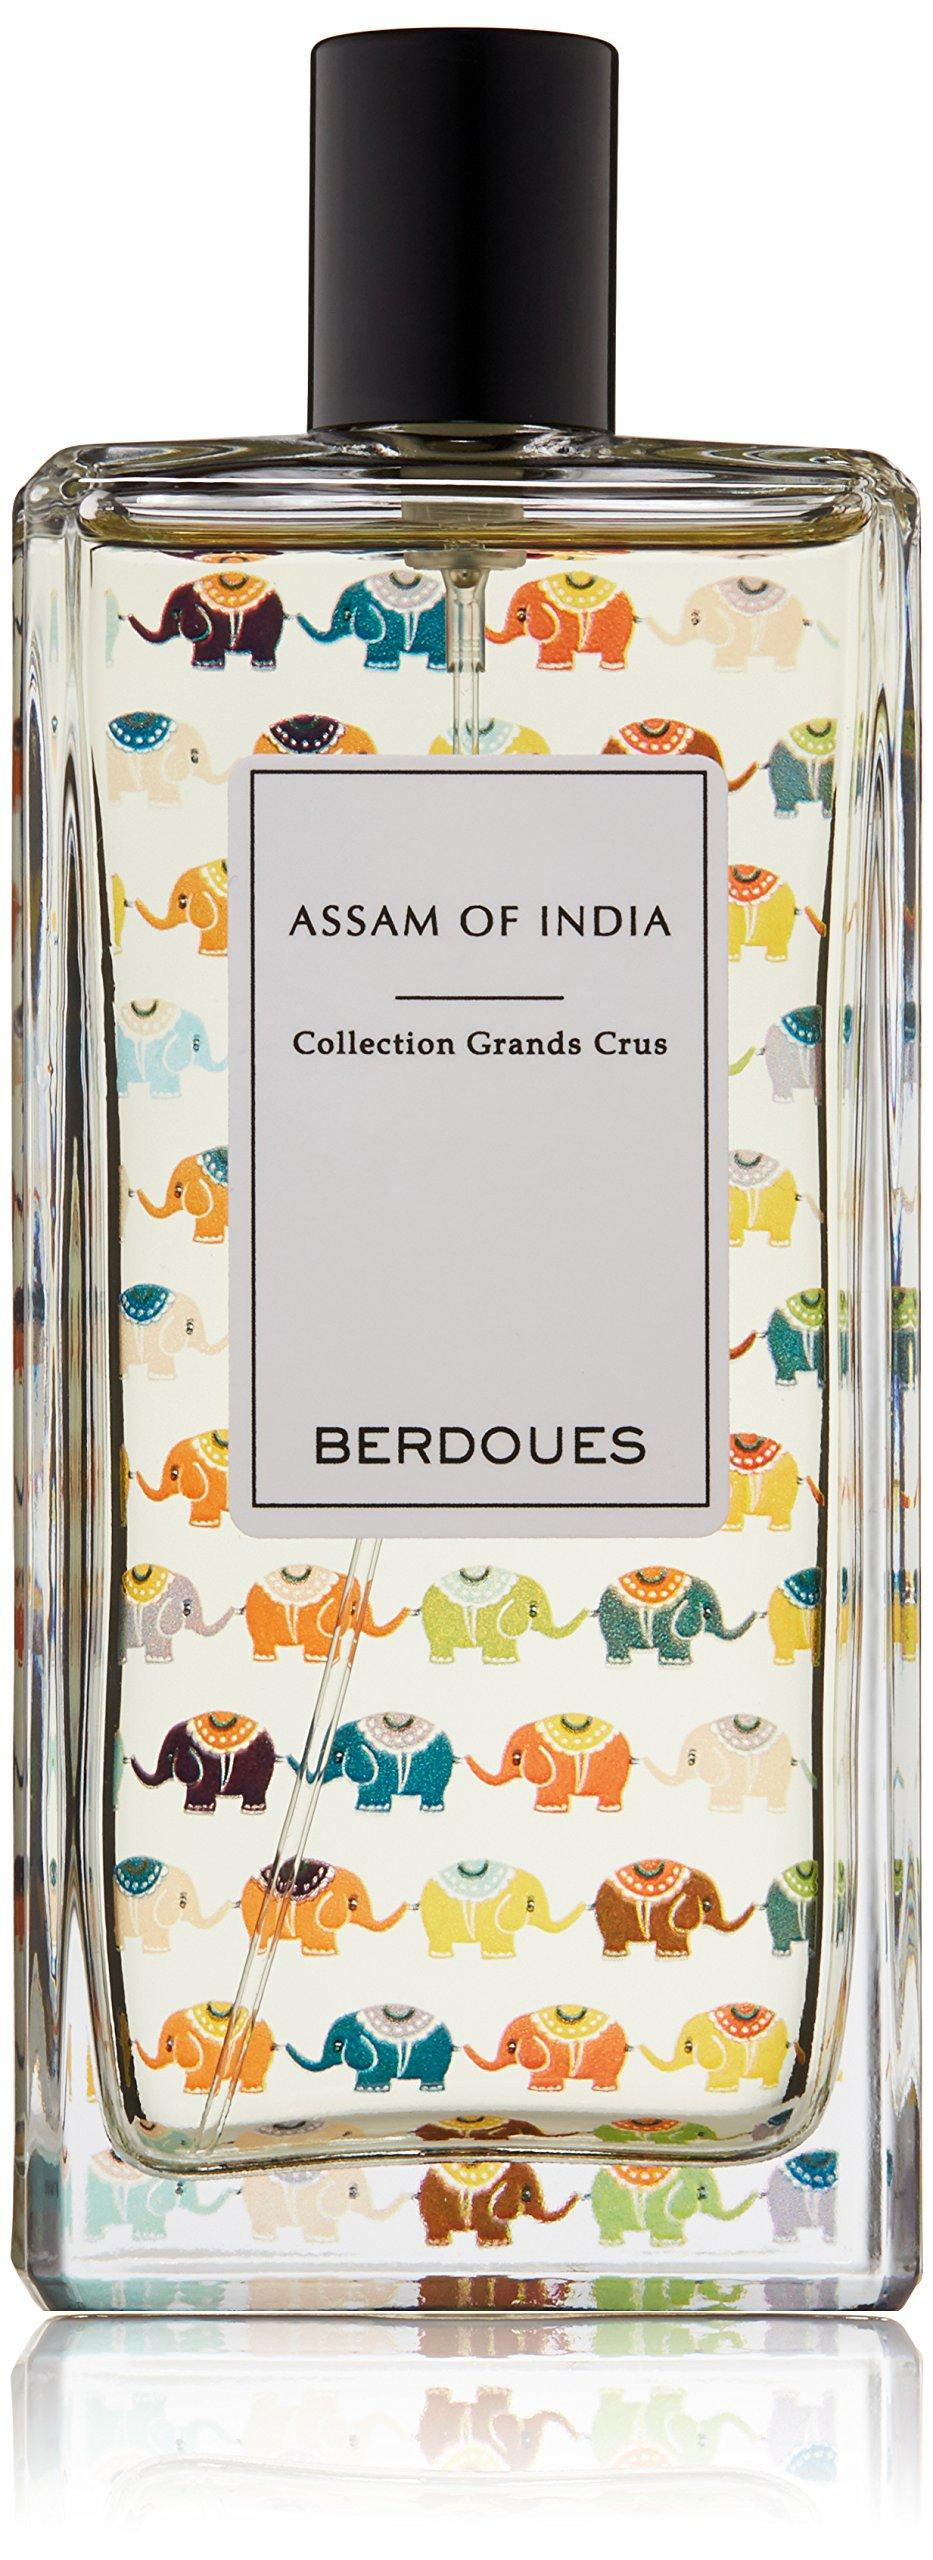 BERDOUES Eau de Parfum Spray - Assam Of India, For Women and Men (Unisex) 3.4 fl.oz.